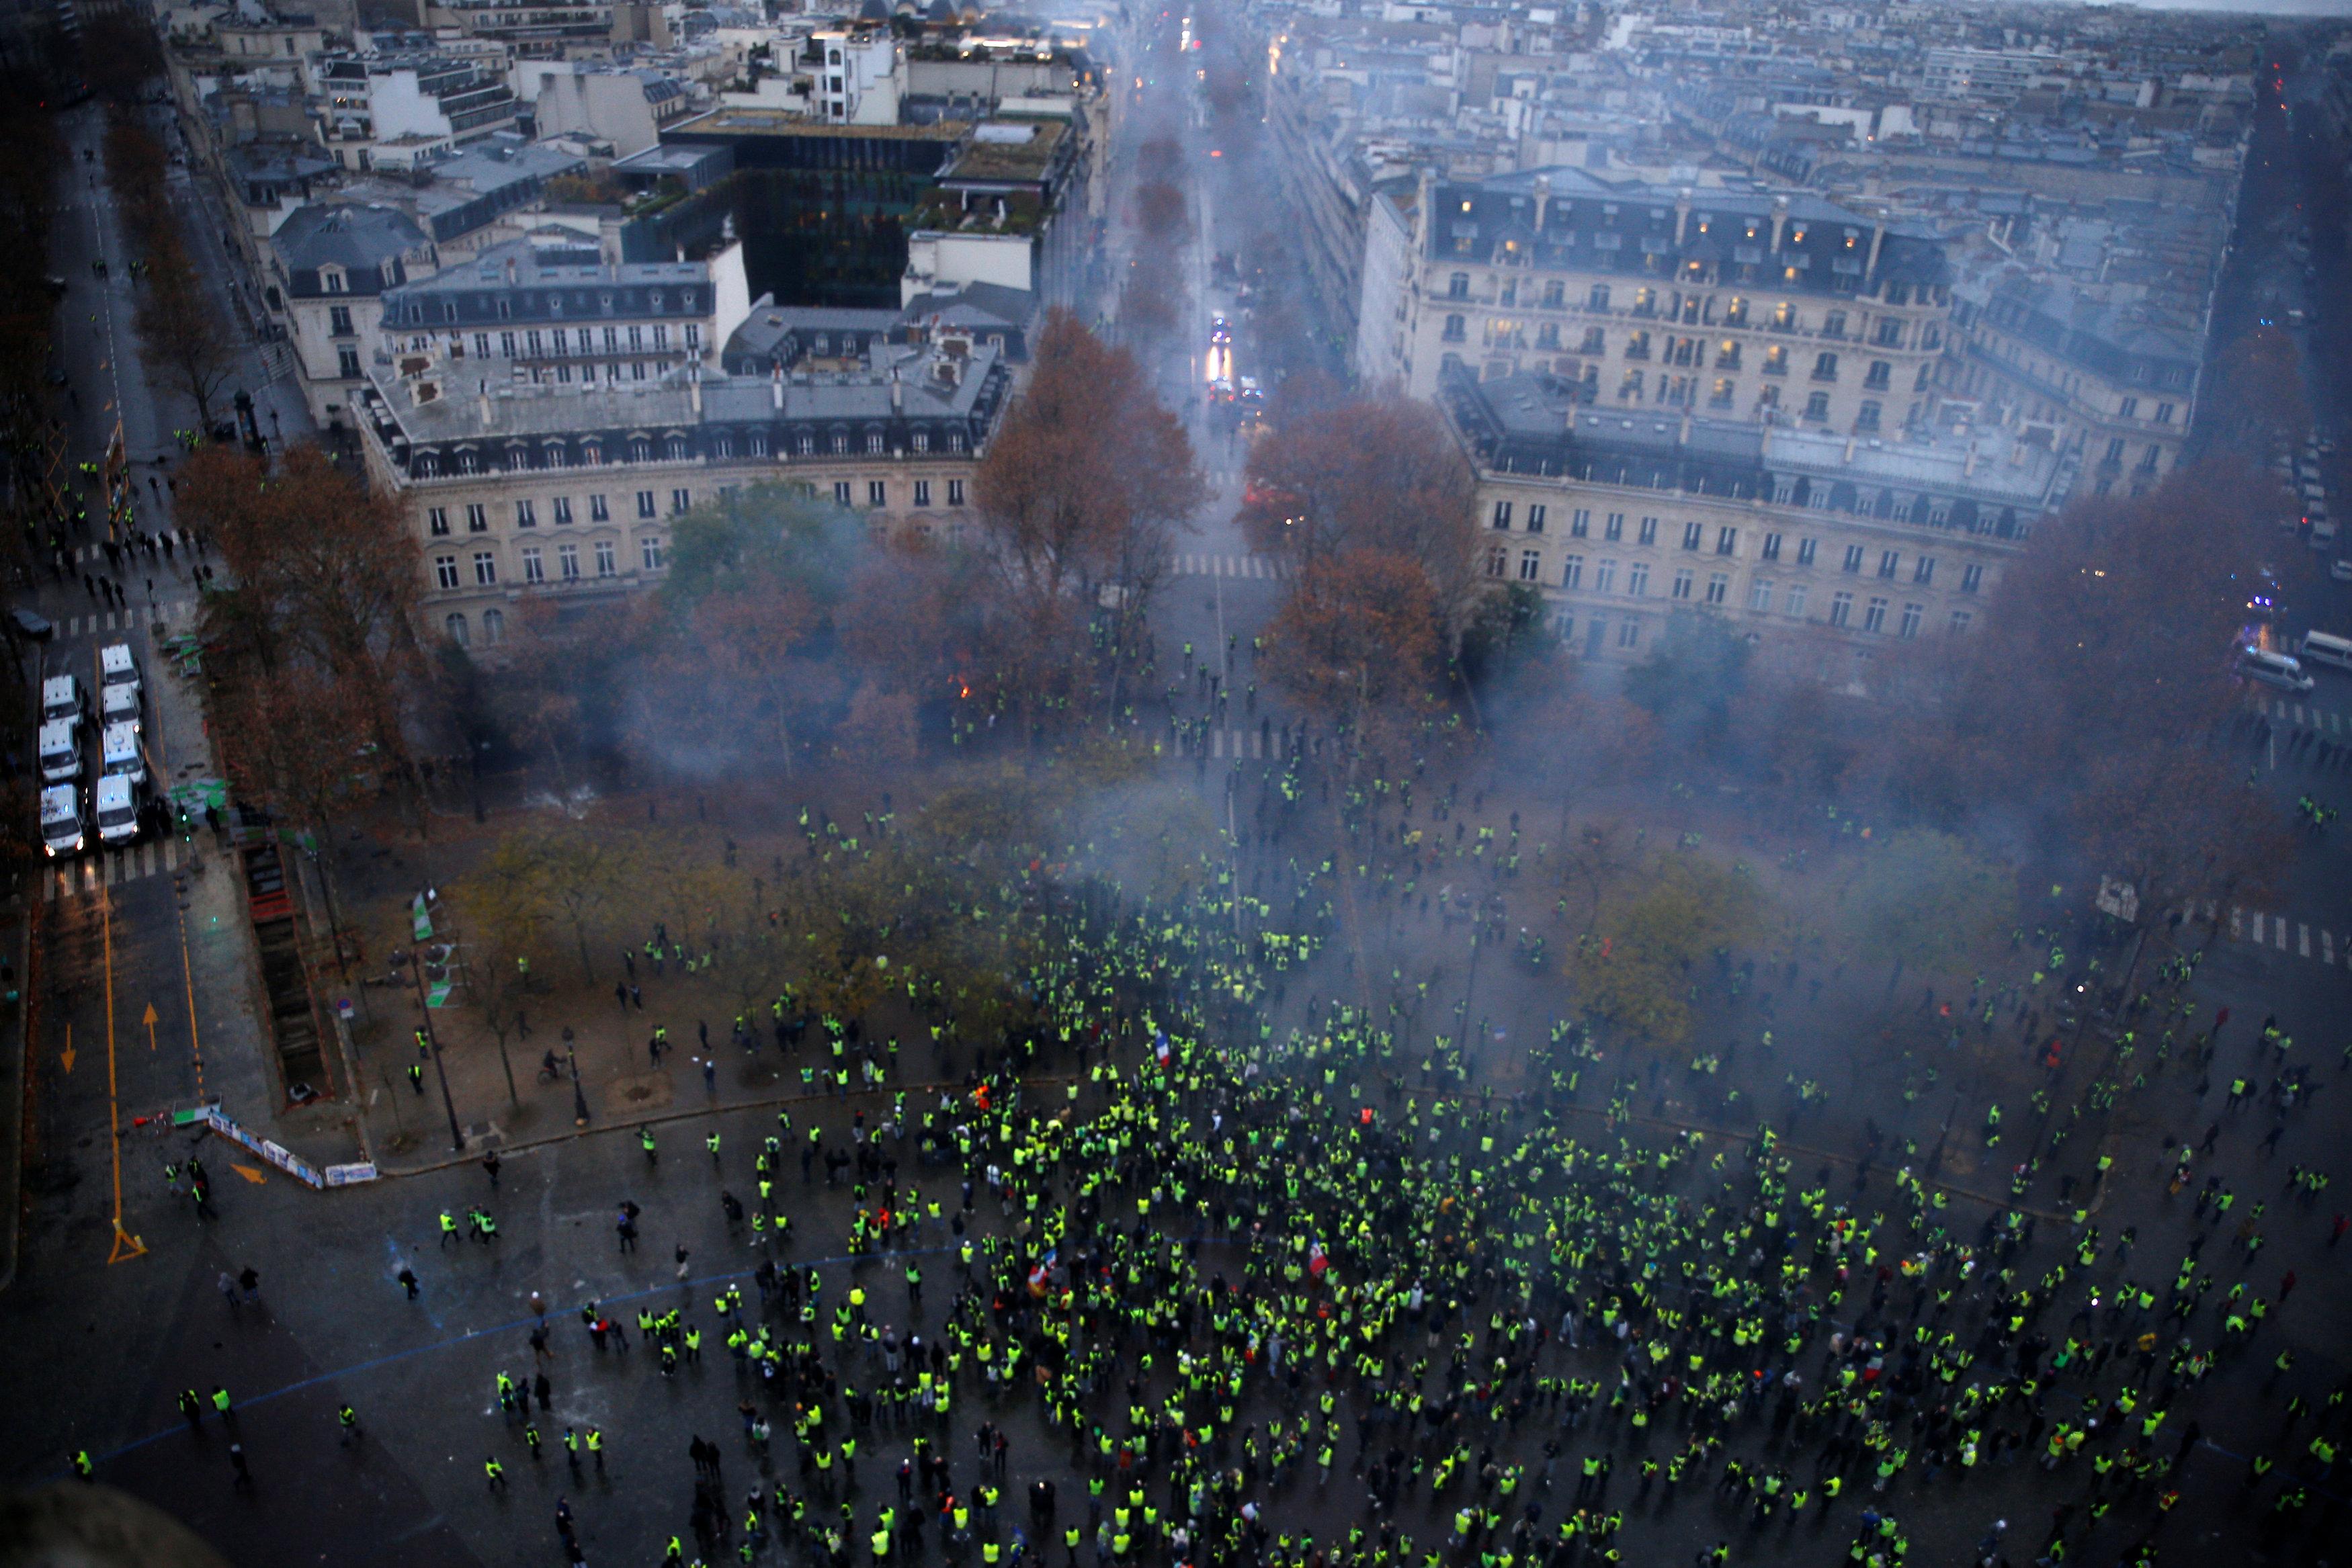 اخبار فرنسا اليوم